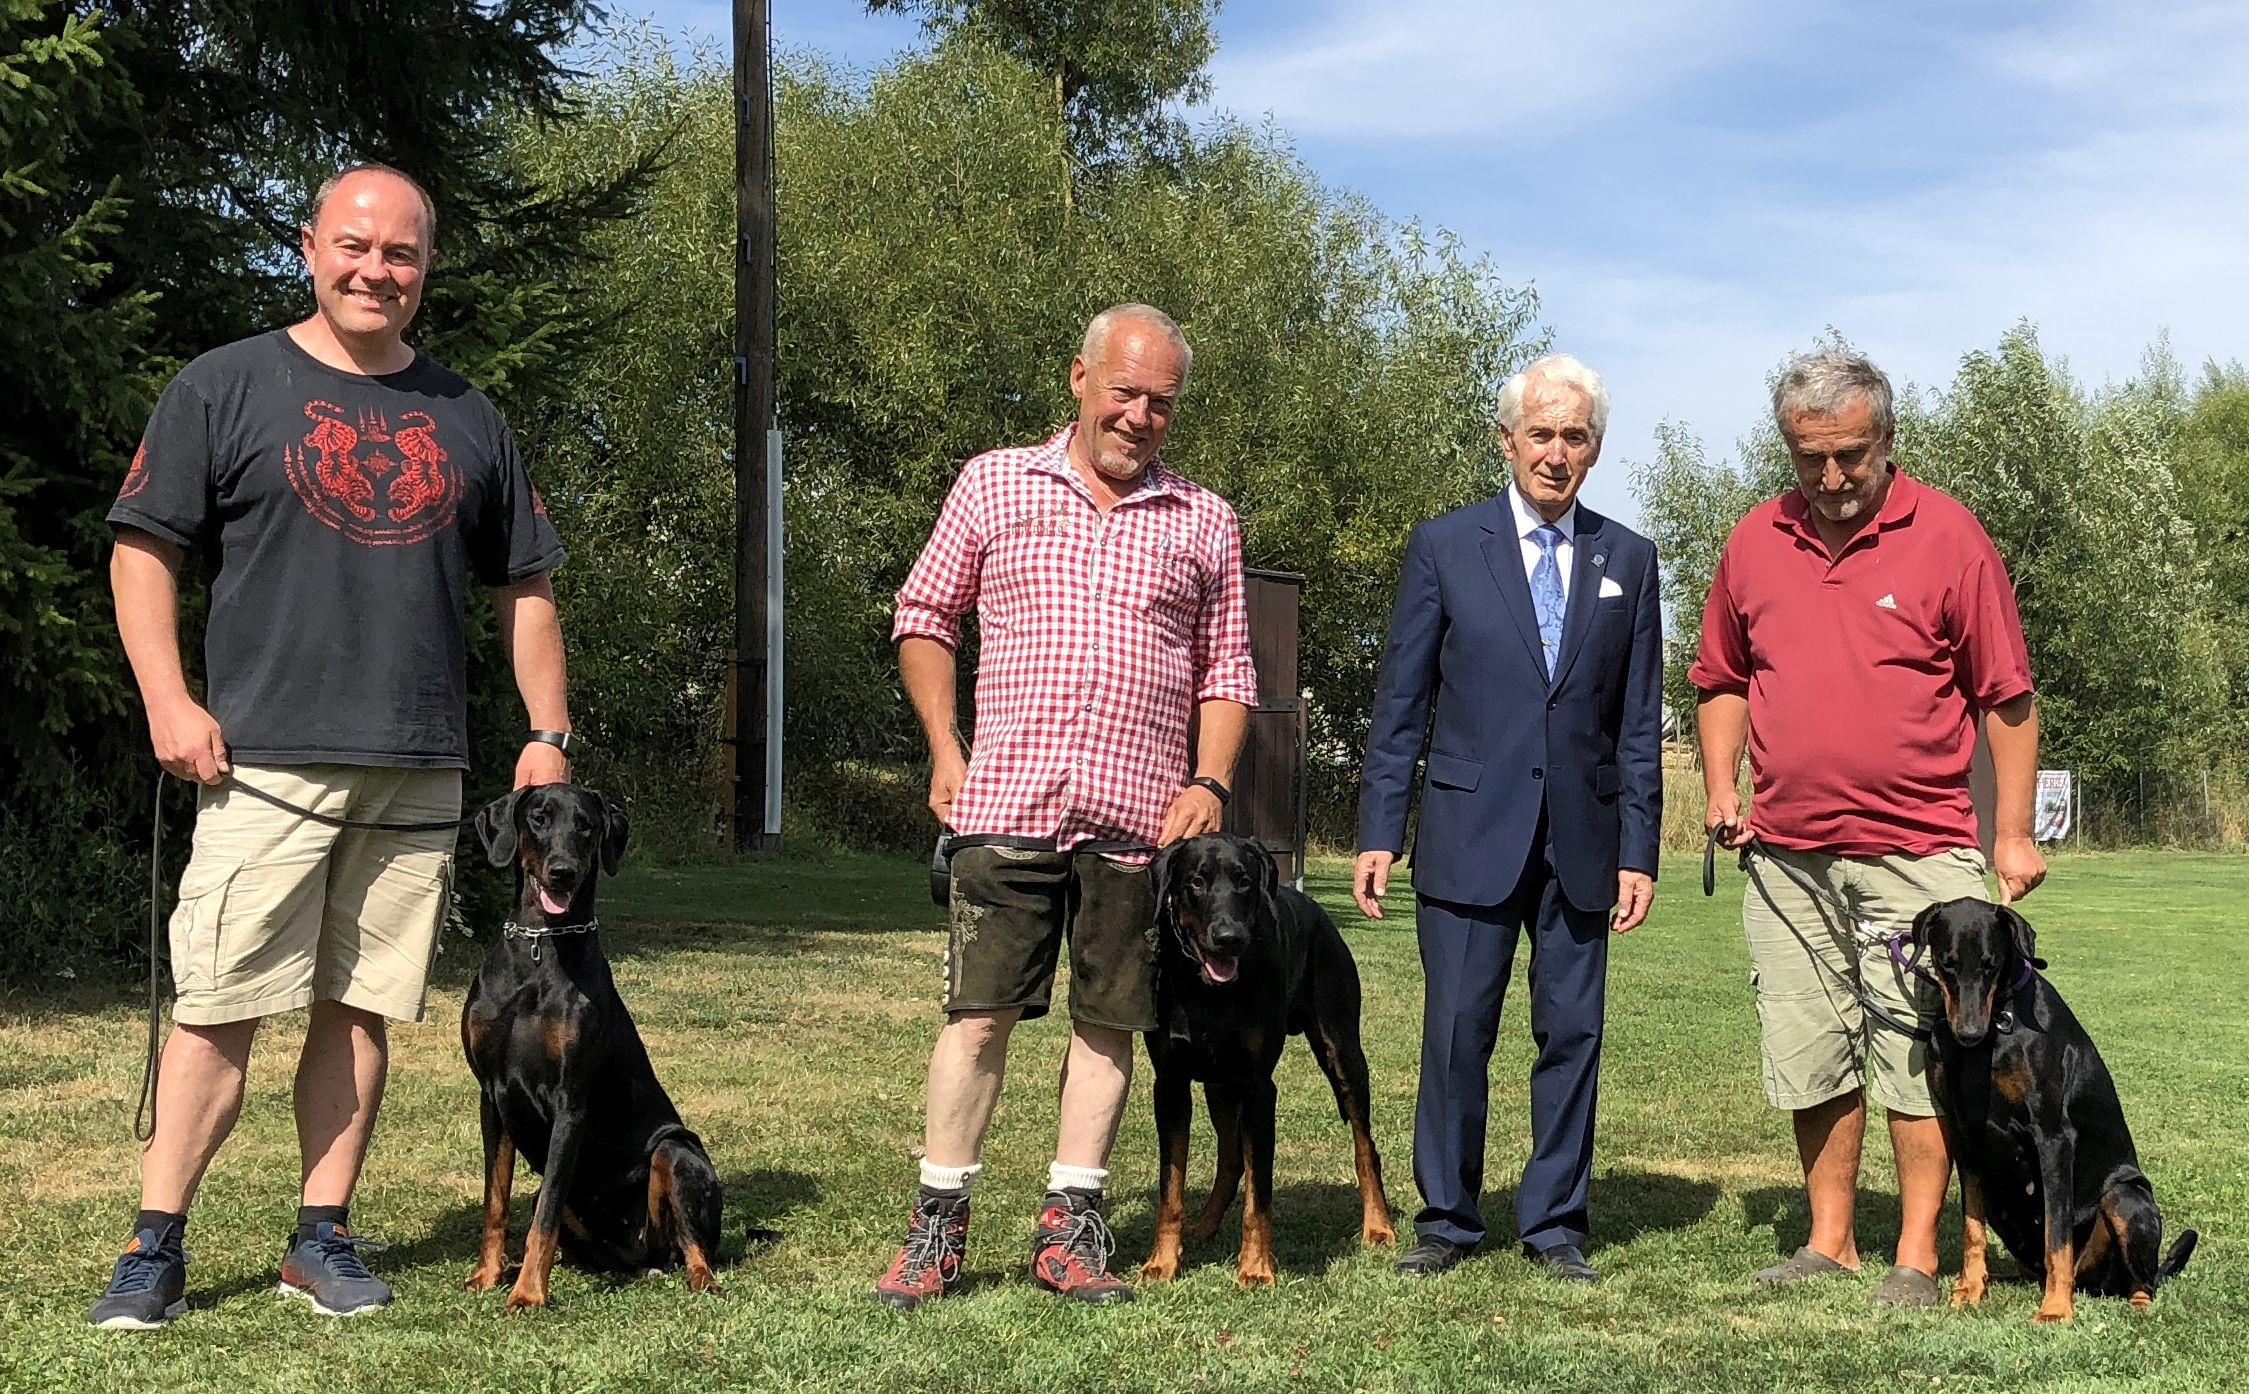 Hunde mit Richter 2018